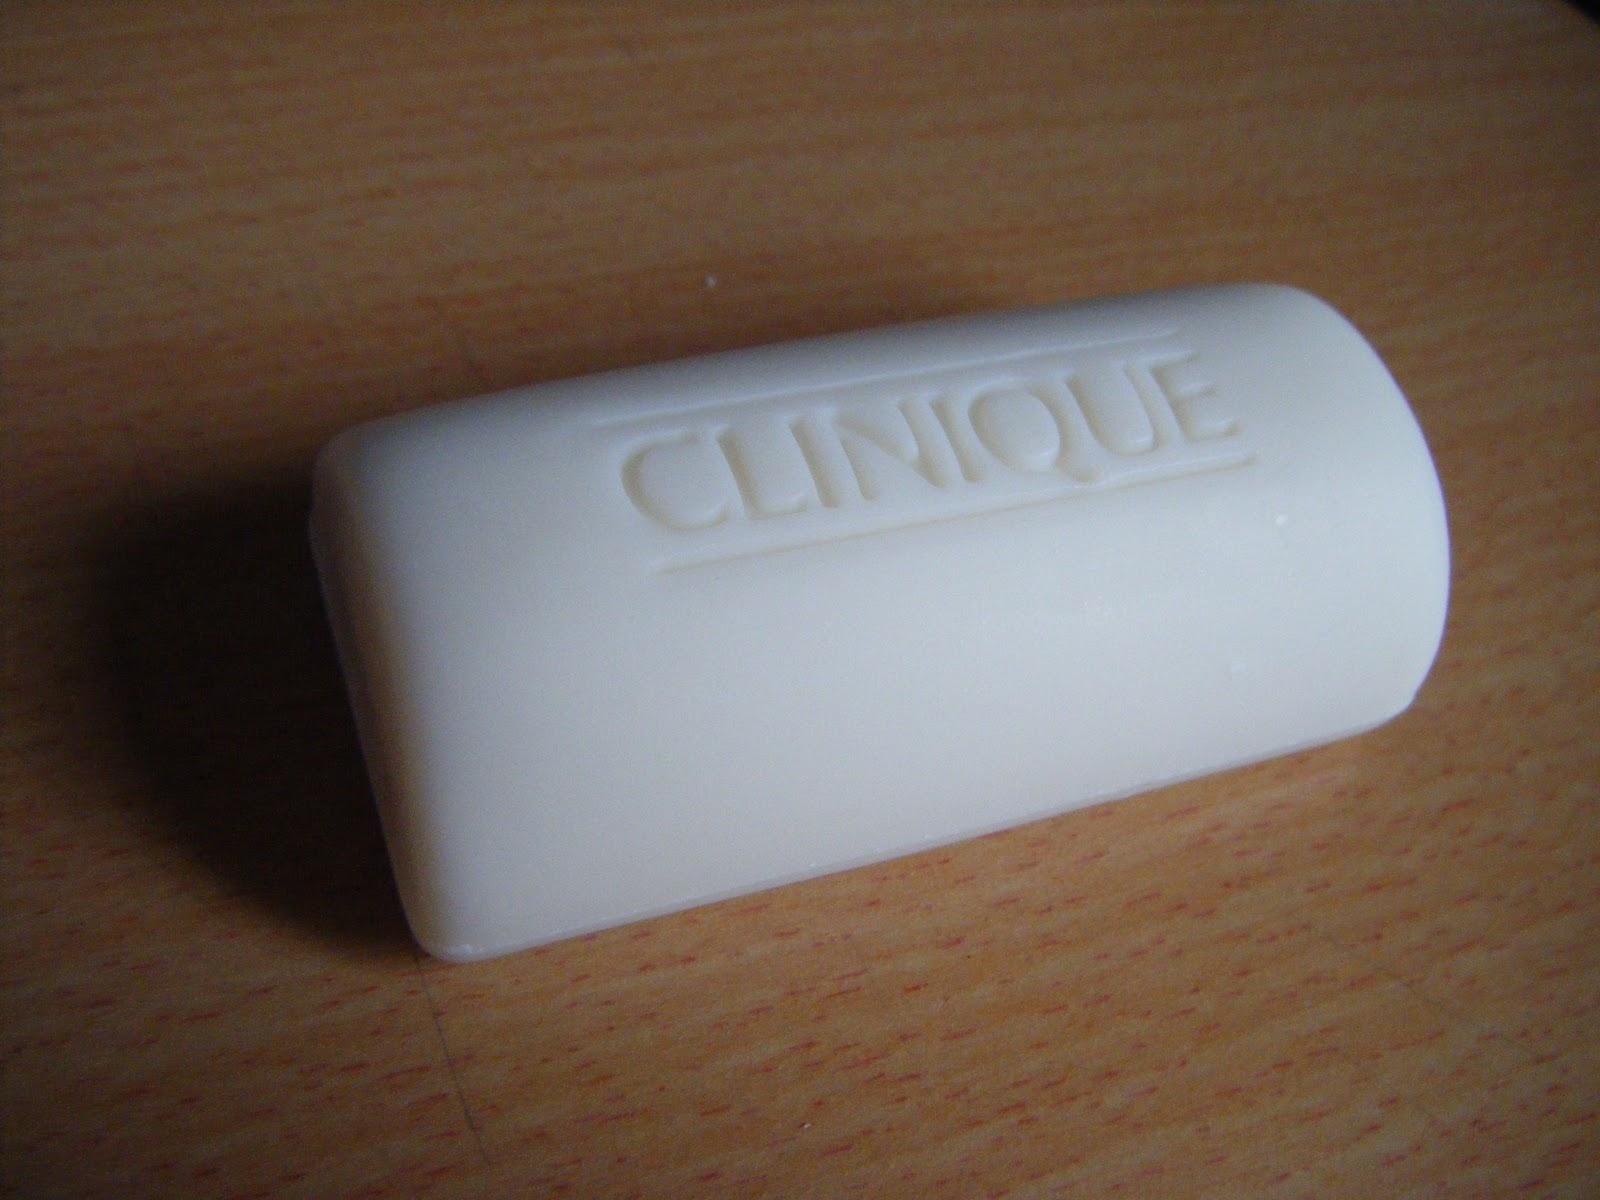 sunlight bar soap for acne